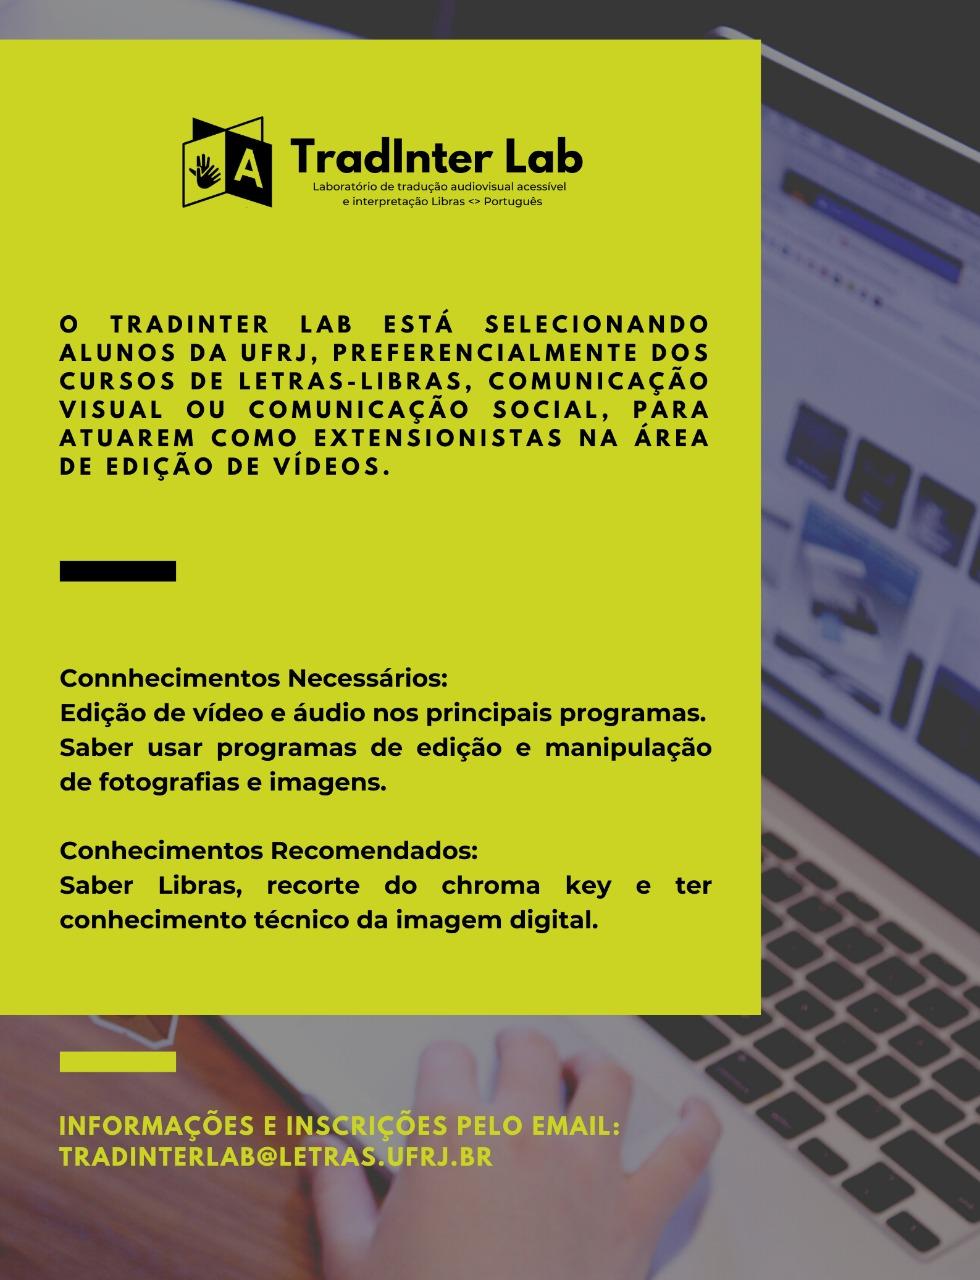 Card sobre a chamada para estudantes extenionistas do TradInterlab